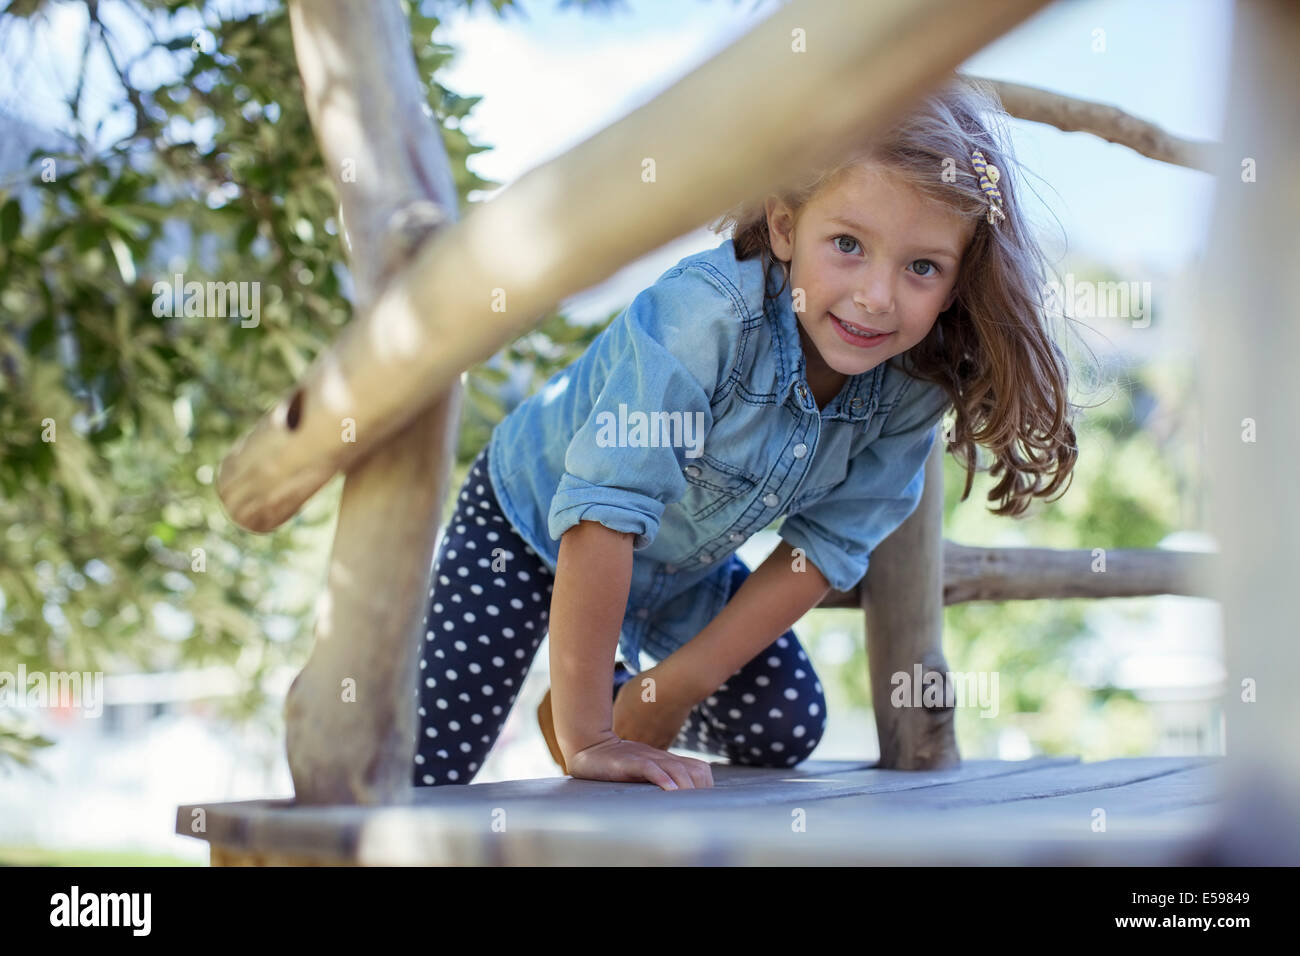 Chica escalada en treehouse afuera Imagen De Stock